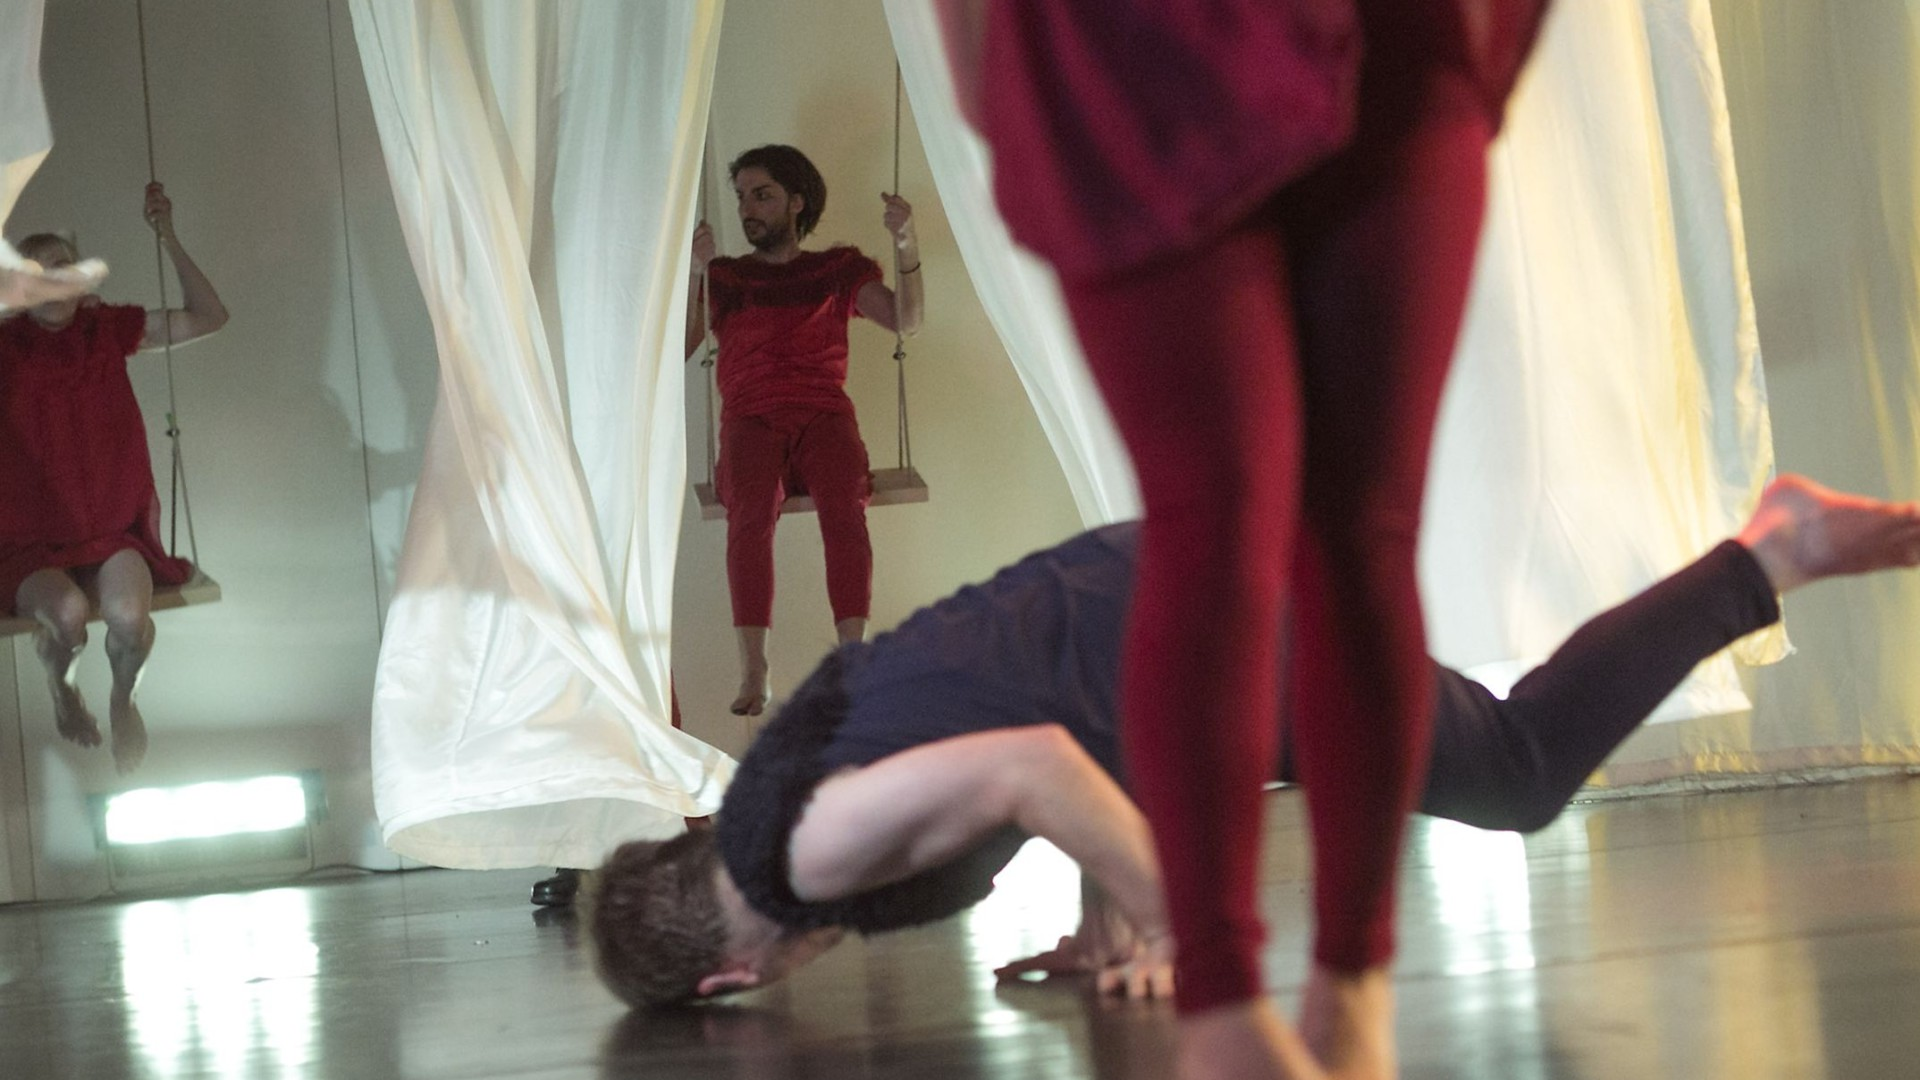 Szenenfoto: Ein Mann dreht sich am Boden, im Vordergrund sind Beine zu sehen, im Hintergrund zwei Menschen auf Schaukeln, die zwischen weissen Vorhaengen schaukeln